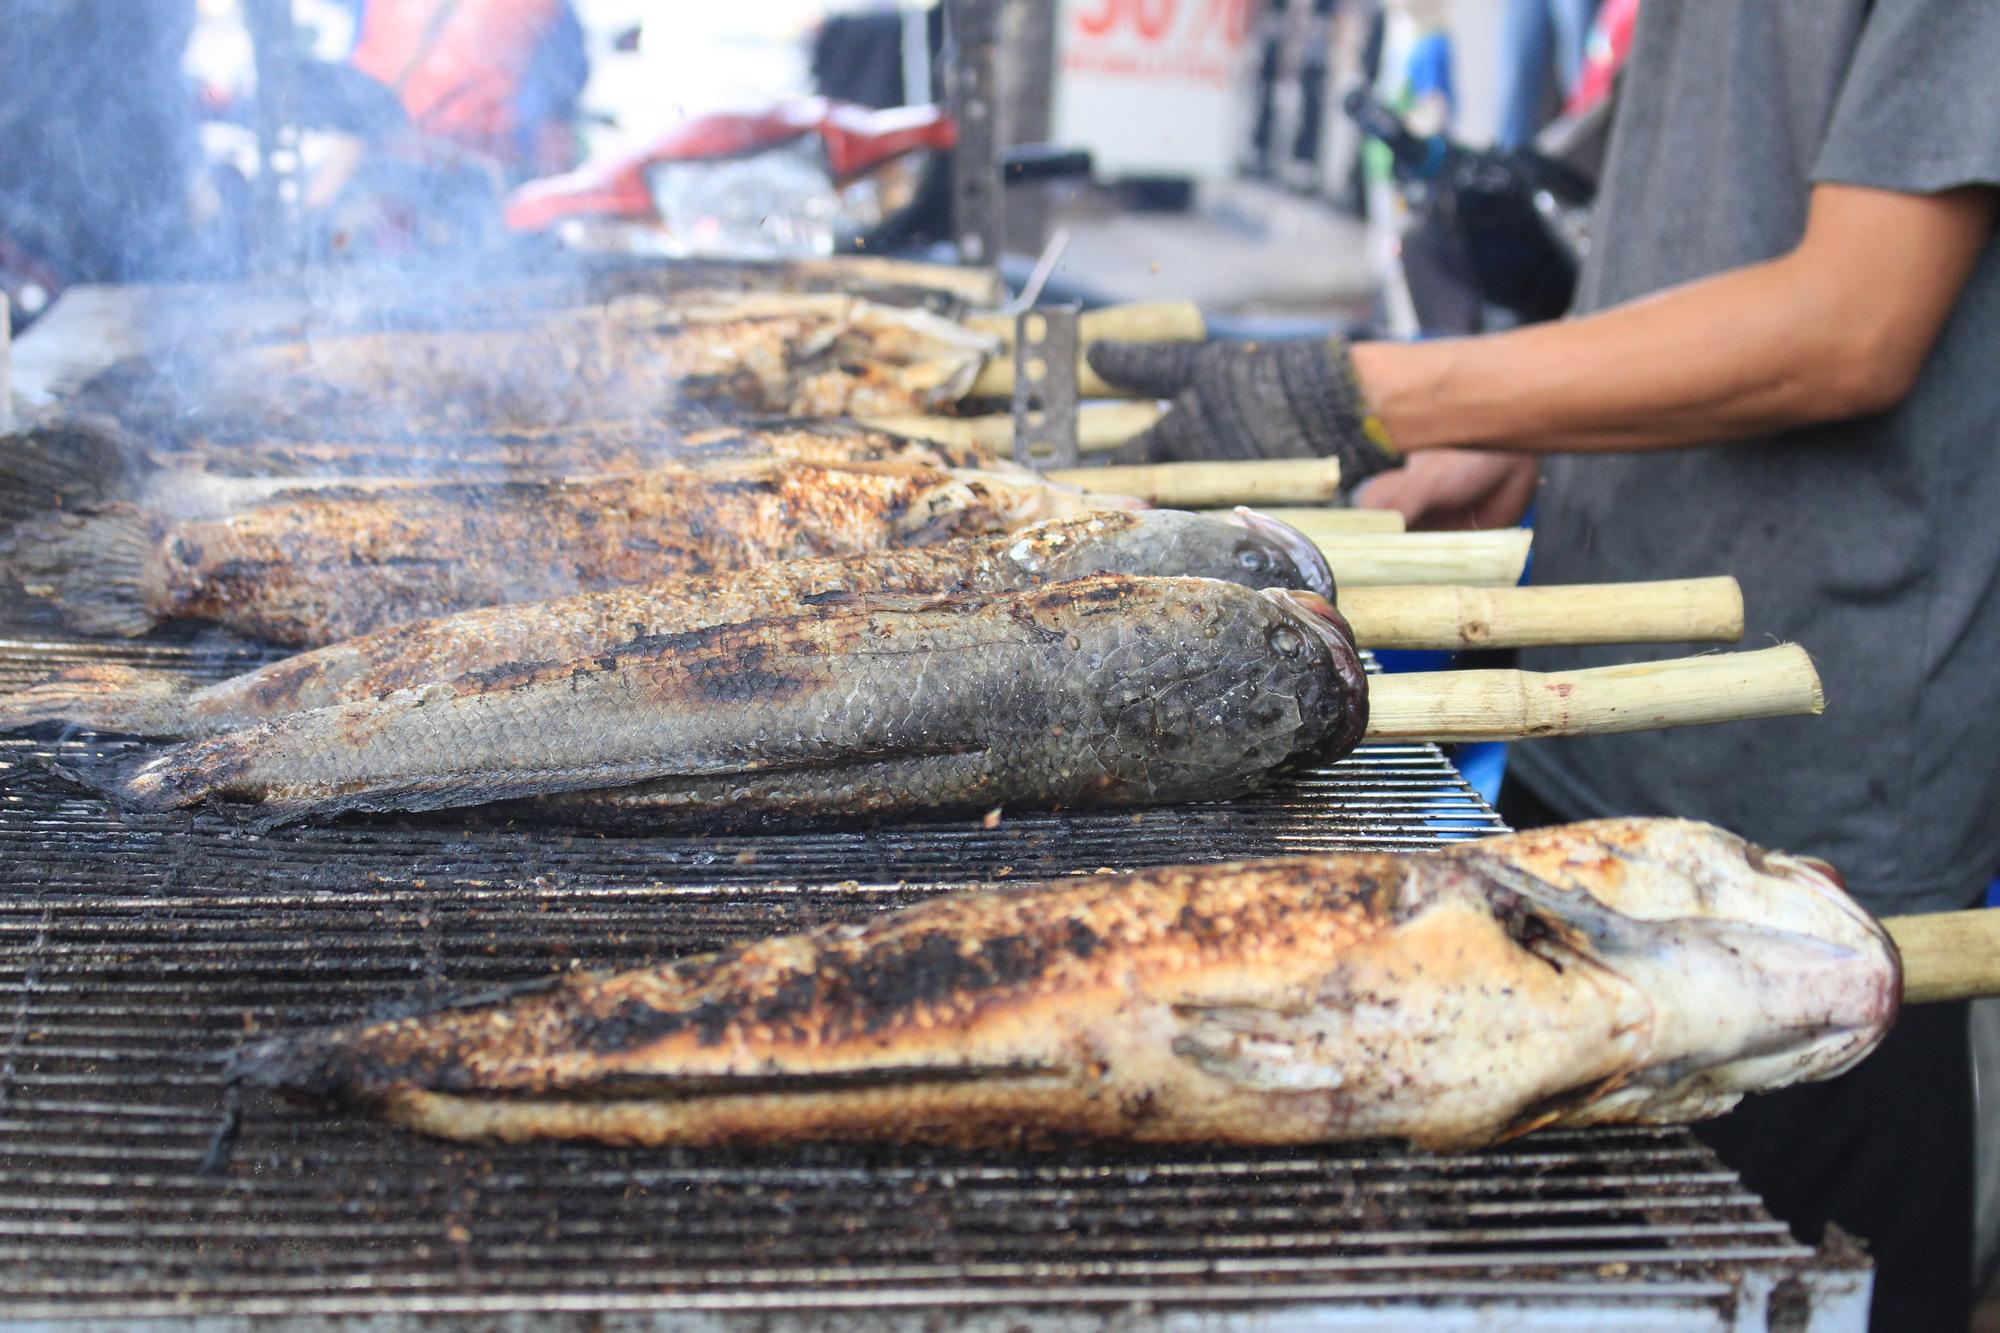 Chuẩn bị 3,5 tấn cá lóc nướng ngày vía Thần tài nhưng vẫn lo không đủ bán ở Sài Gòn - Ảnh 7.